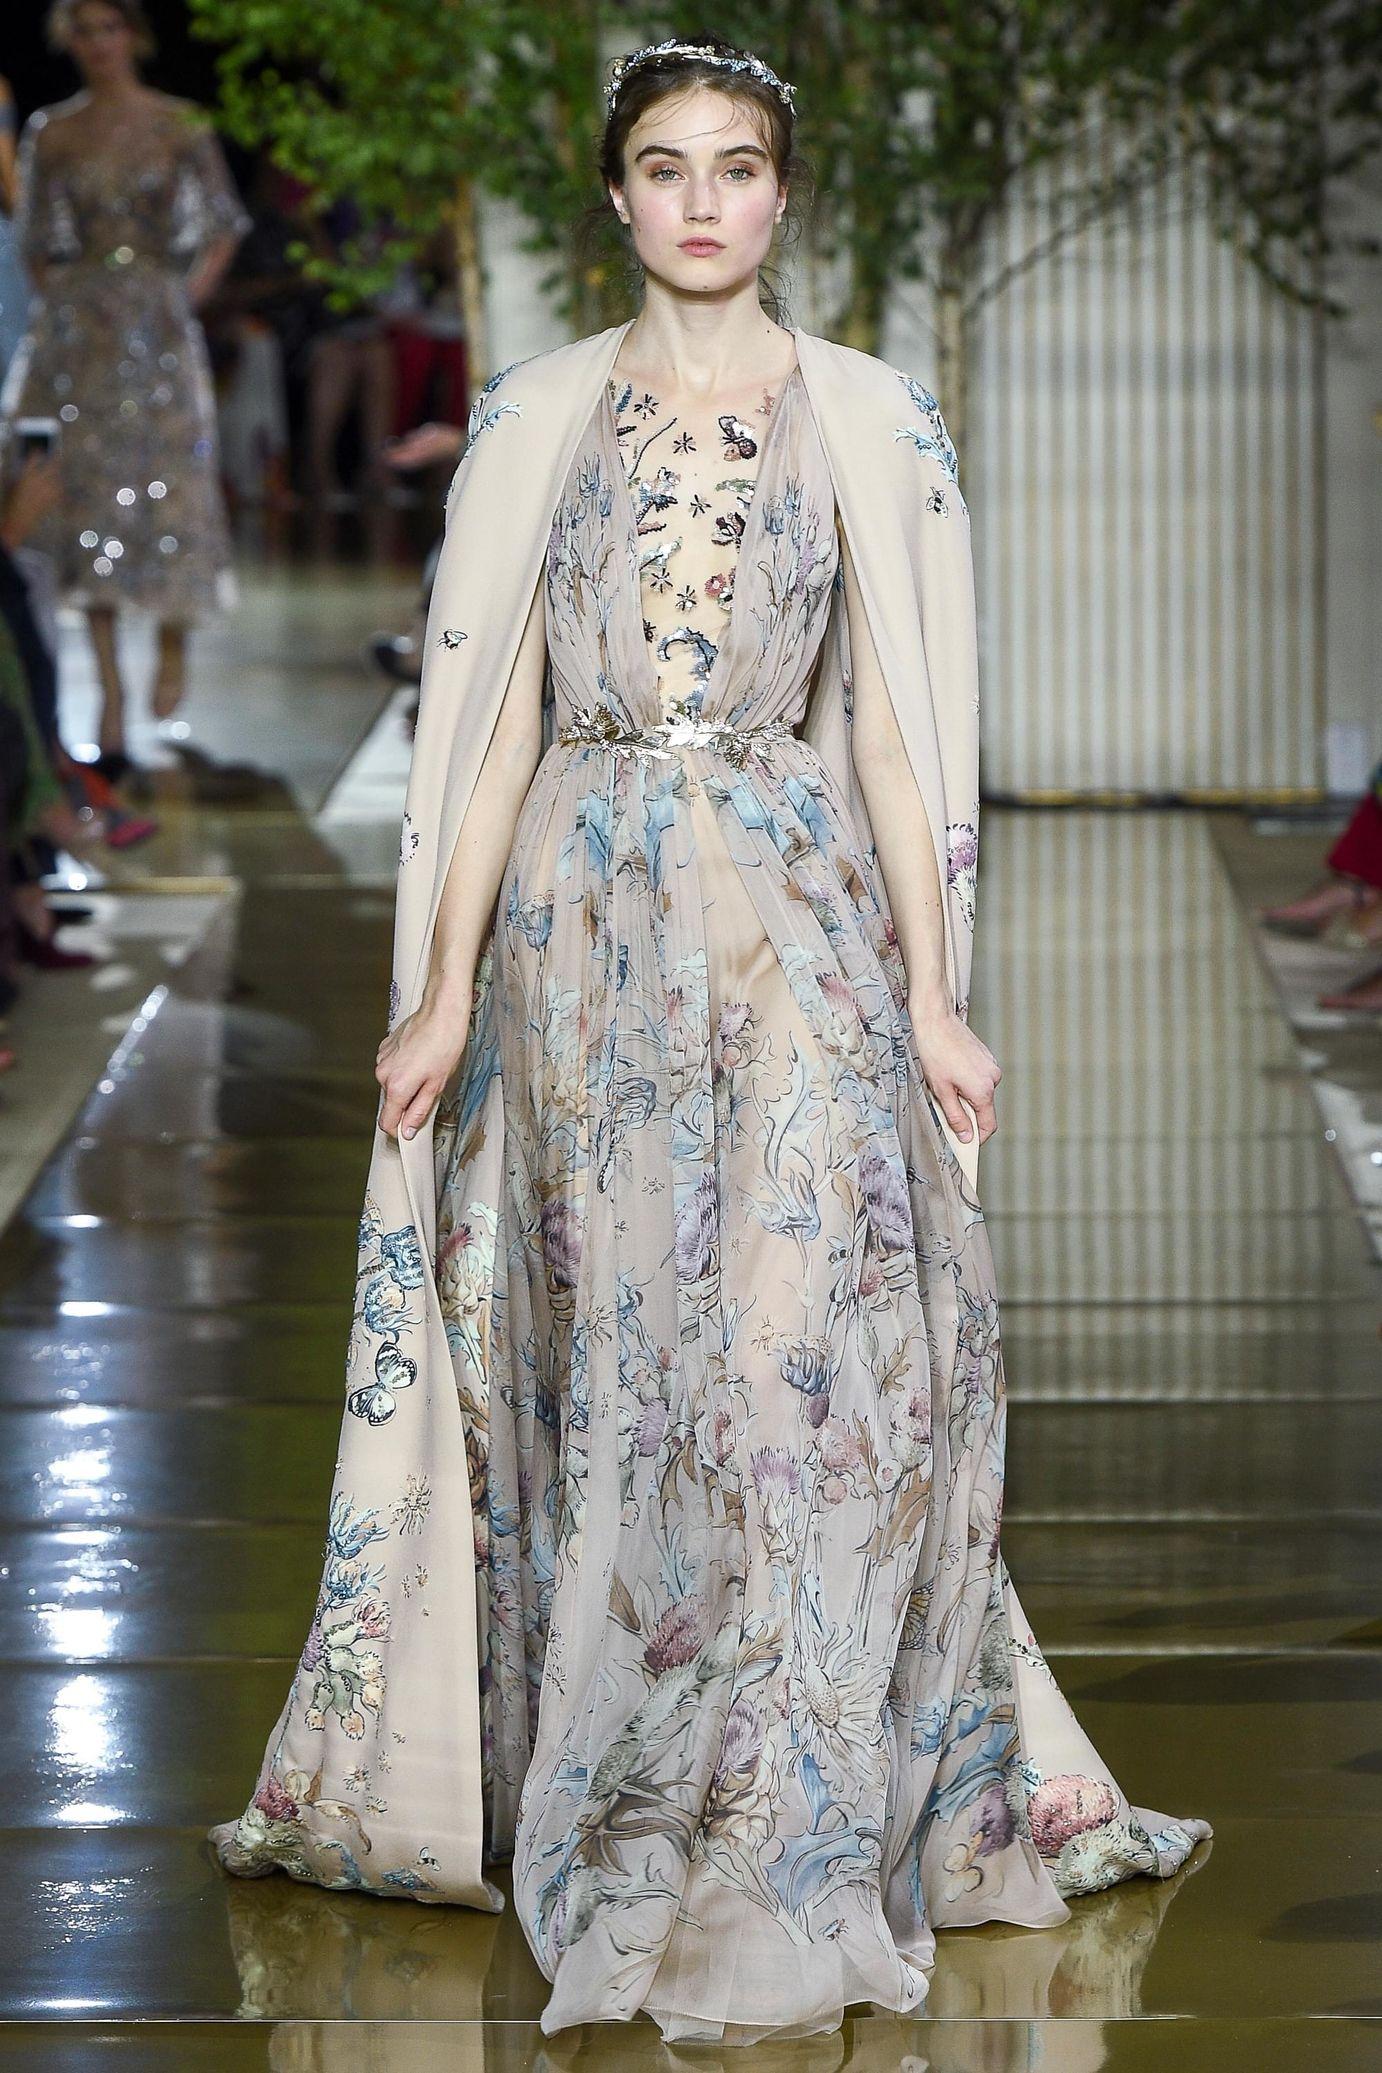 Défilé Zuhair Murad Haute couture automne-hiver 2017-2018 19